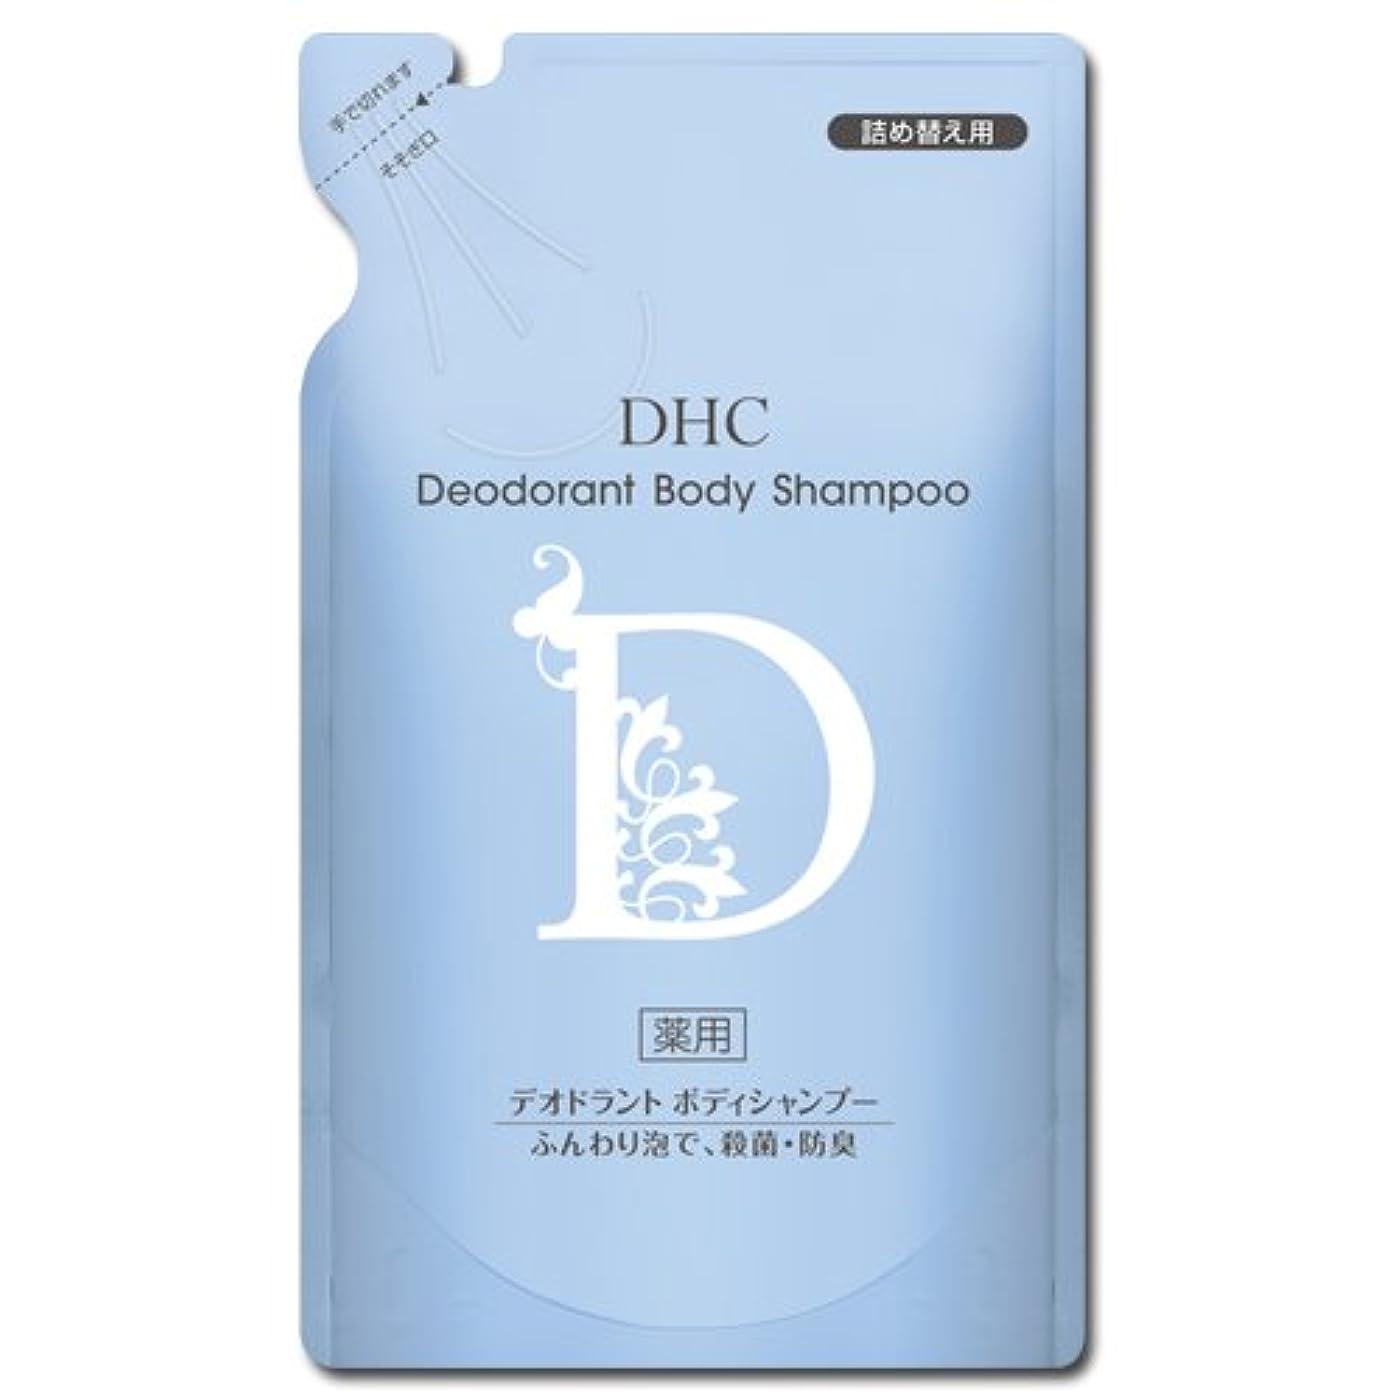 虚栄心単にスケジュール【医薬部外品】DHC薬用デオドラント ボディシャンプー 詰め替え用